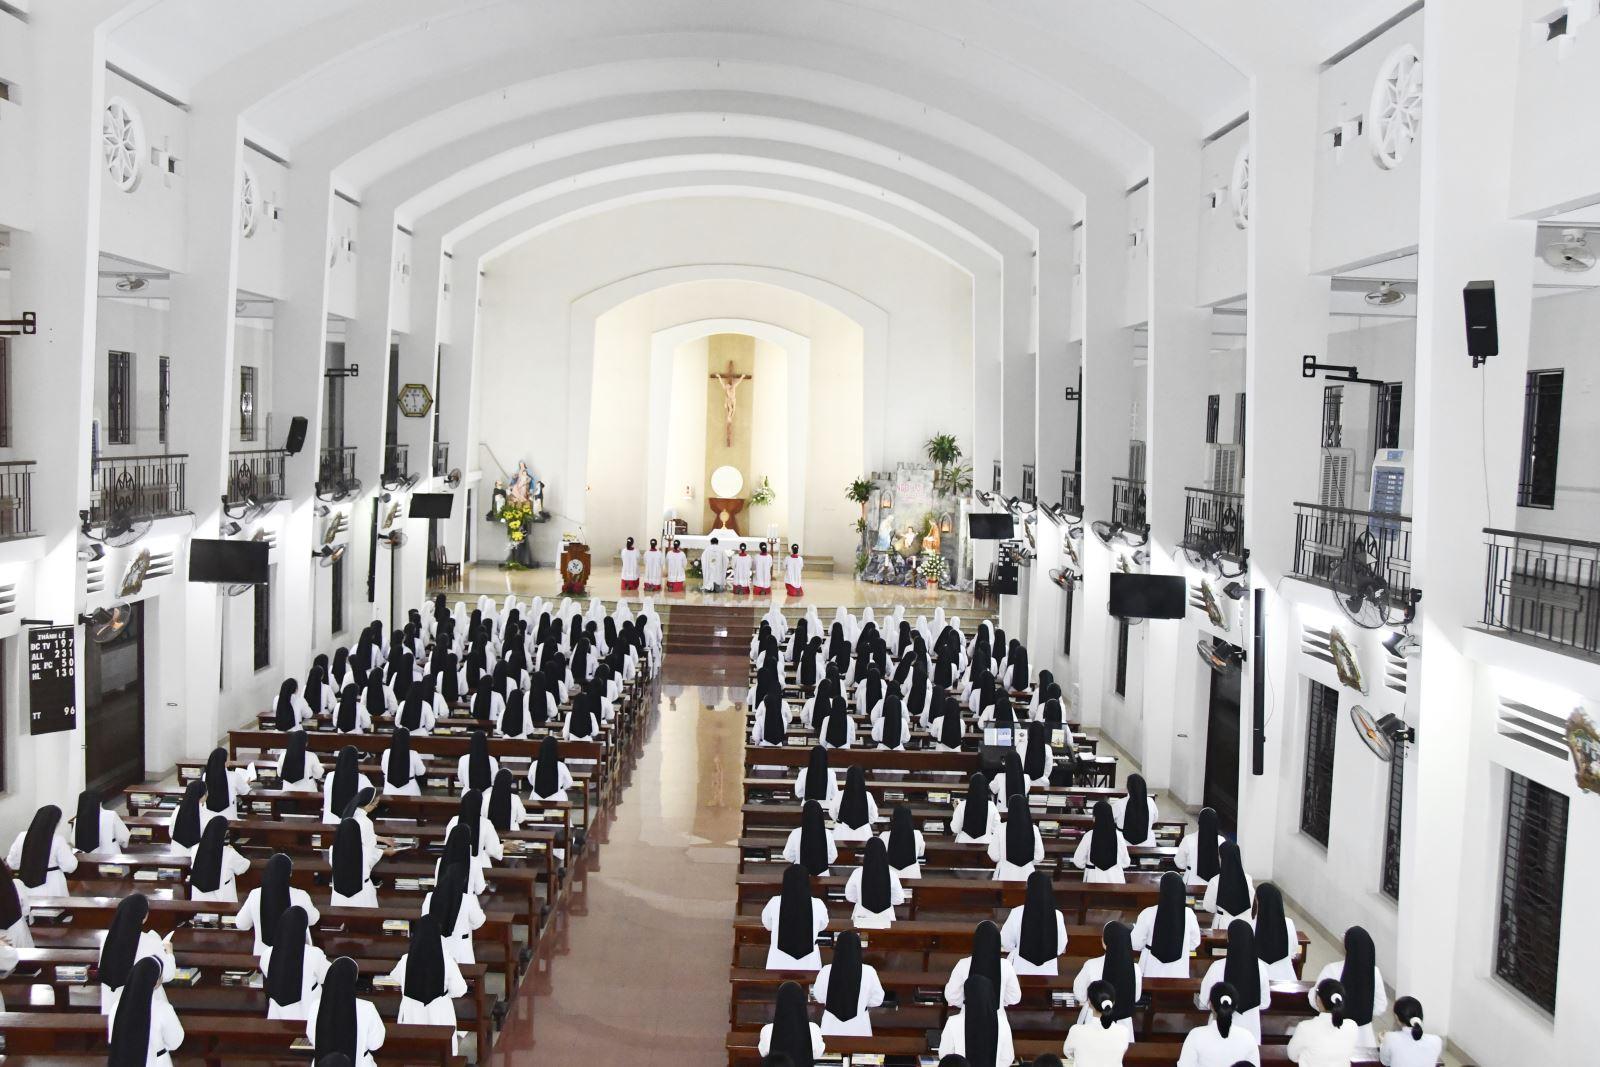 Hội Dòng đón Giao thừa- Năm Mới trong Chúa và trong nhau.